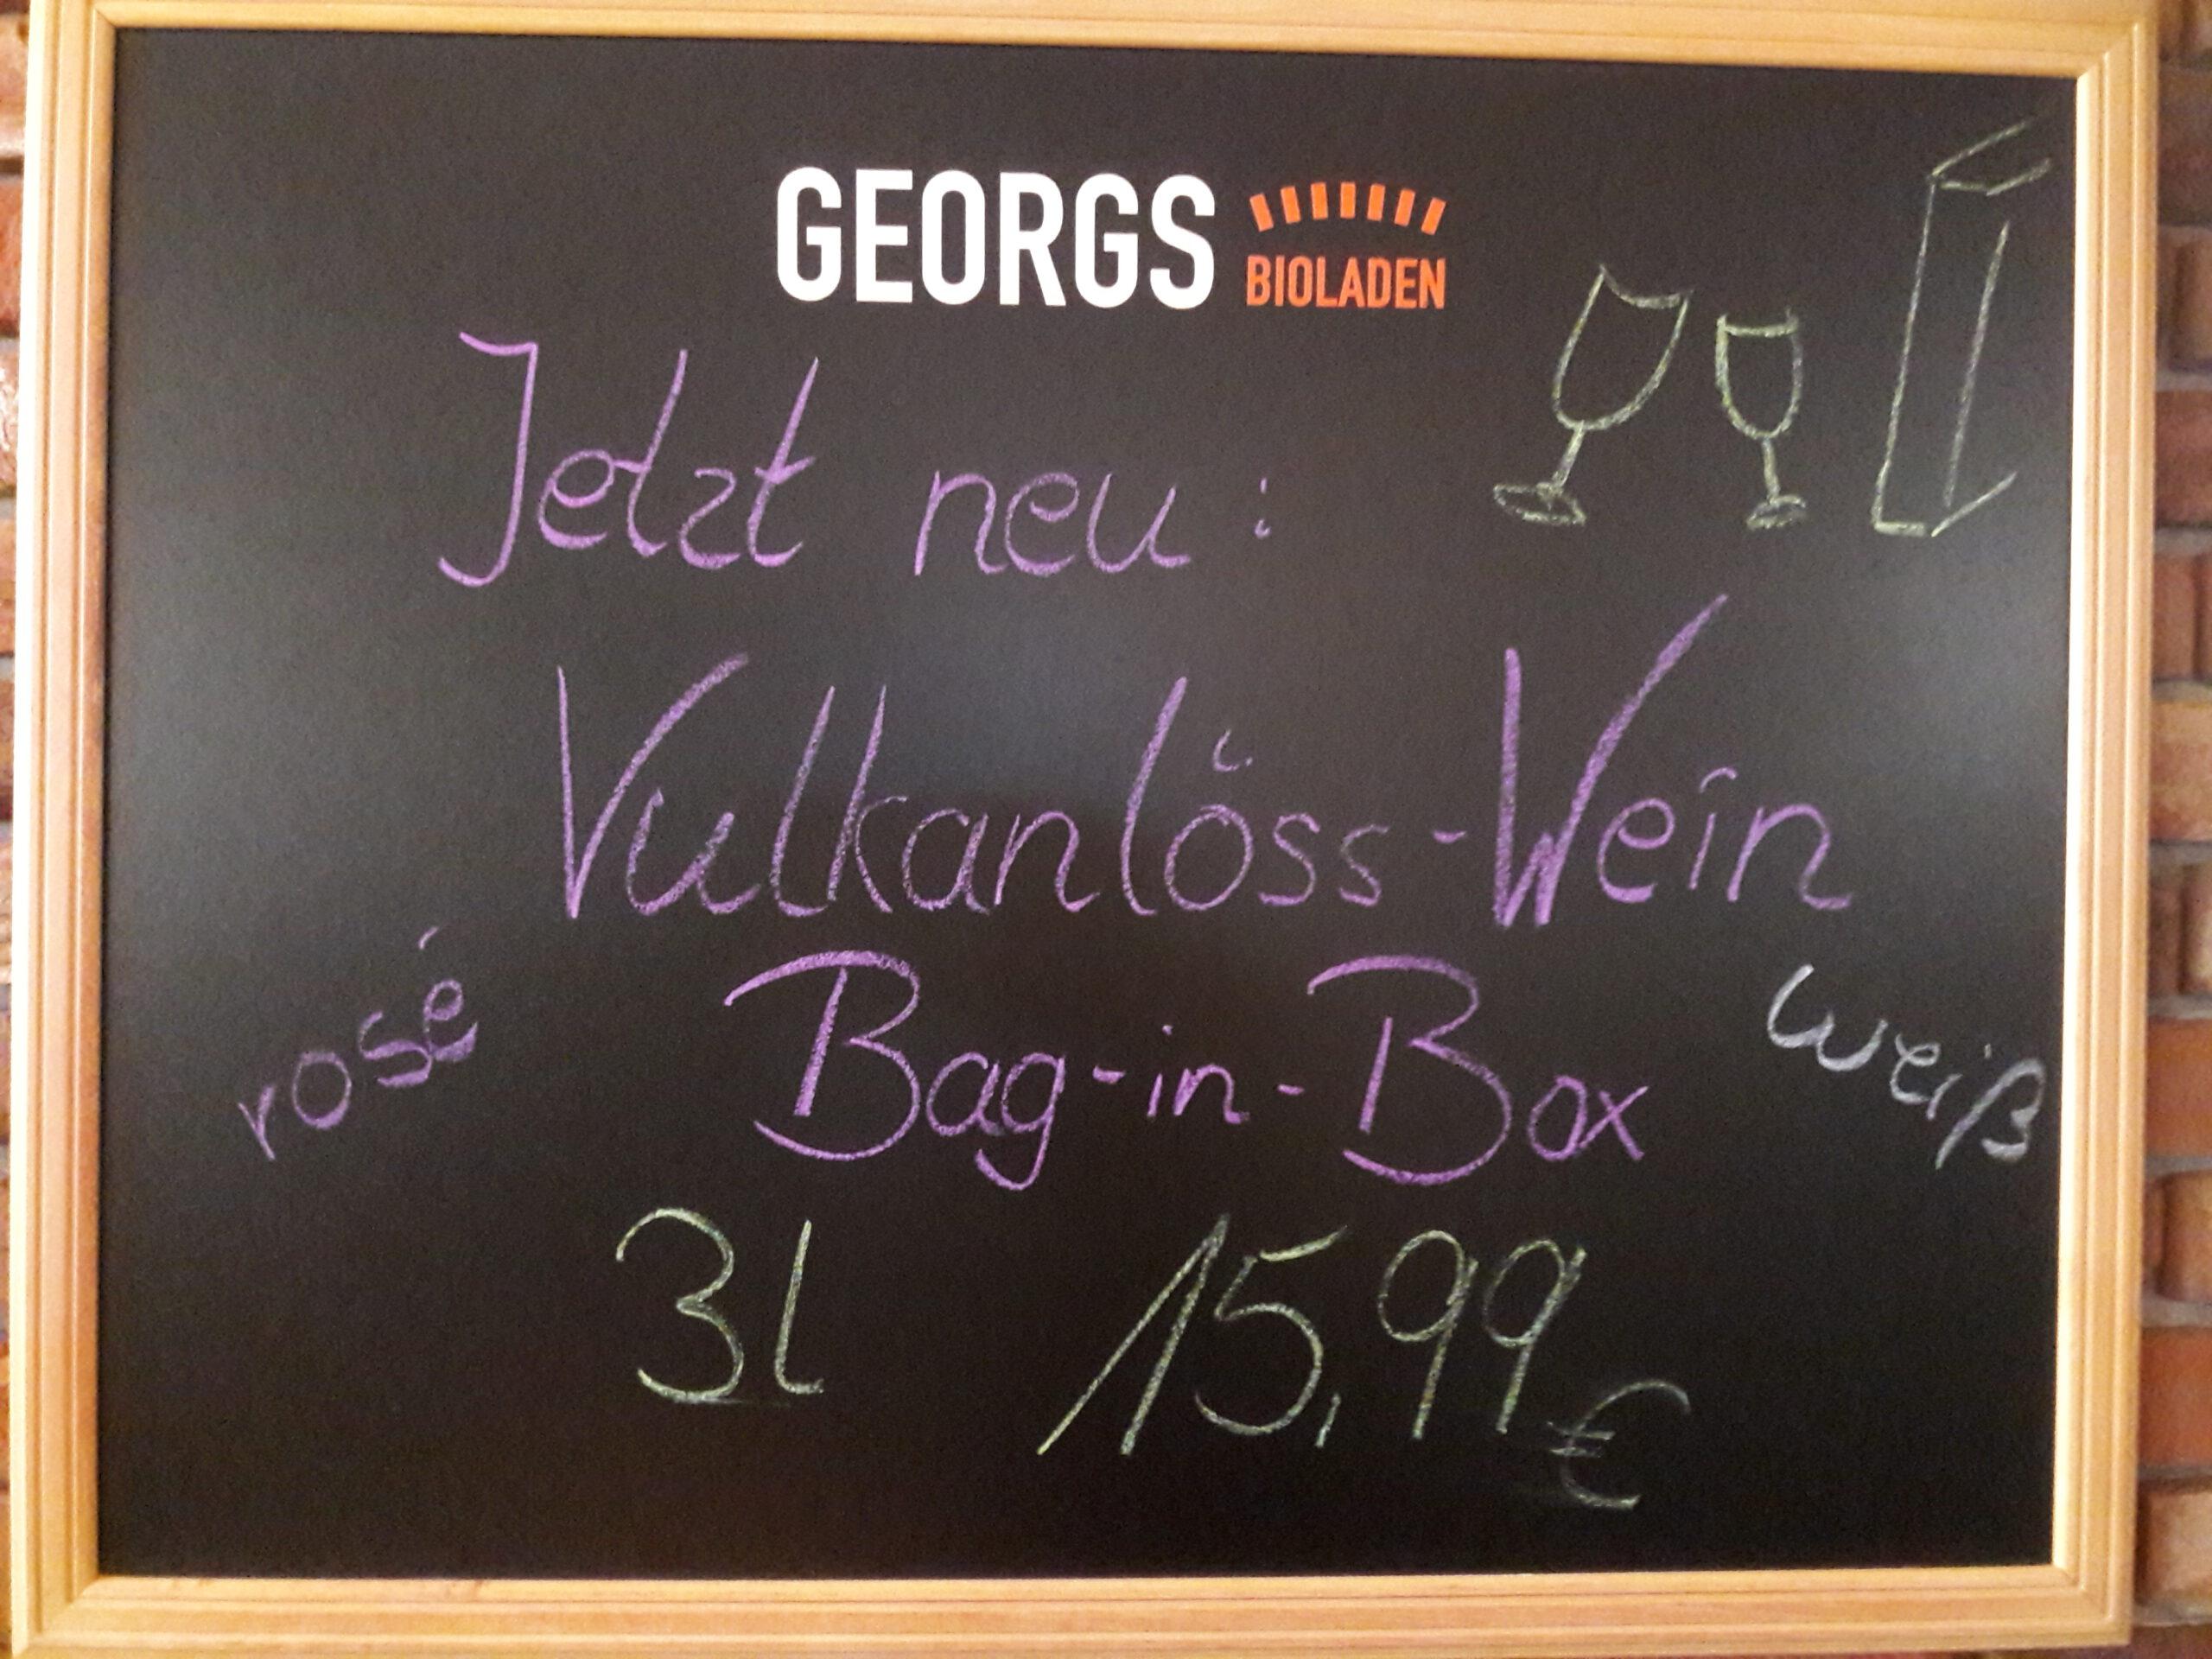 Bag-in-Box in Georgs Bioladen: Martin Schmidts Badener Bioweine bieten umweltfreundliche Verpackung